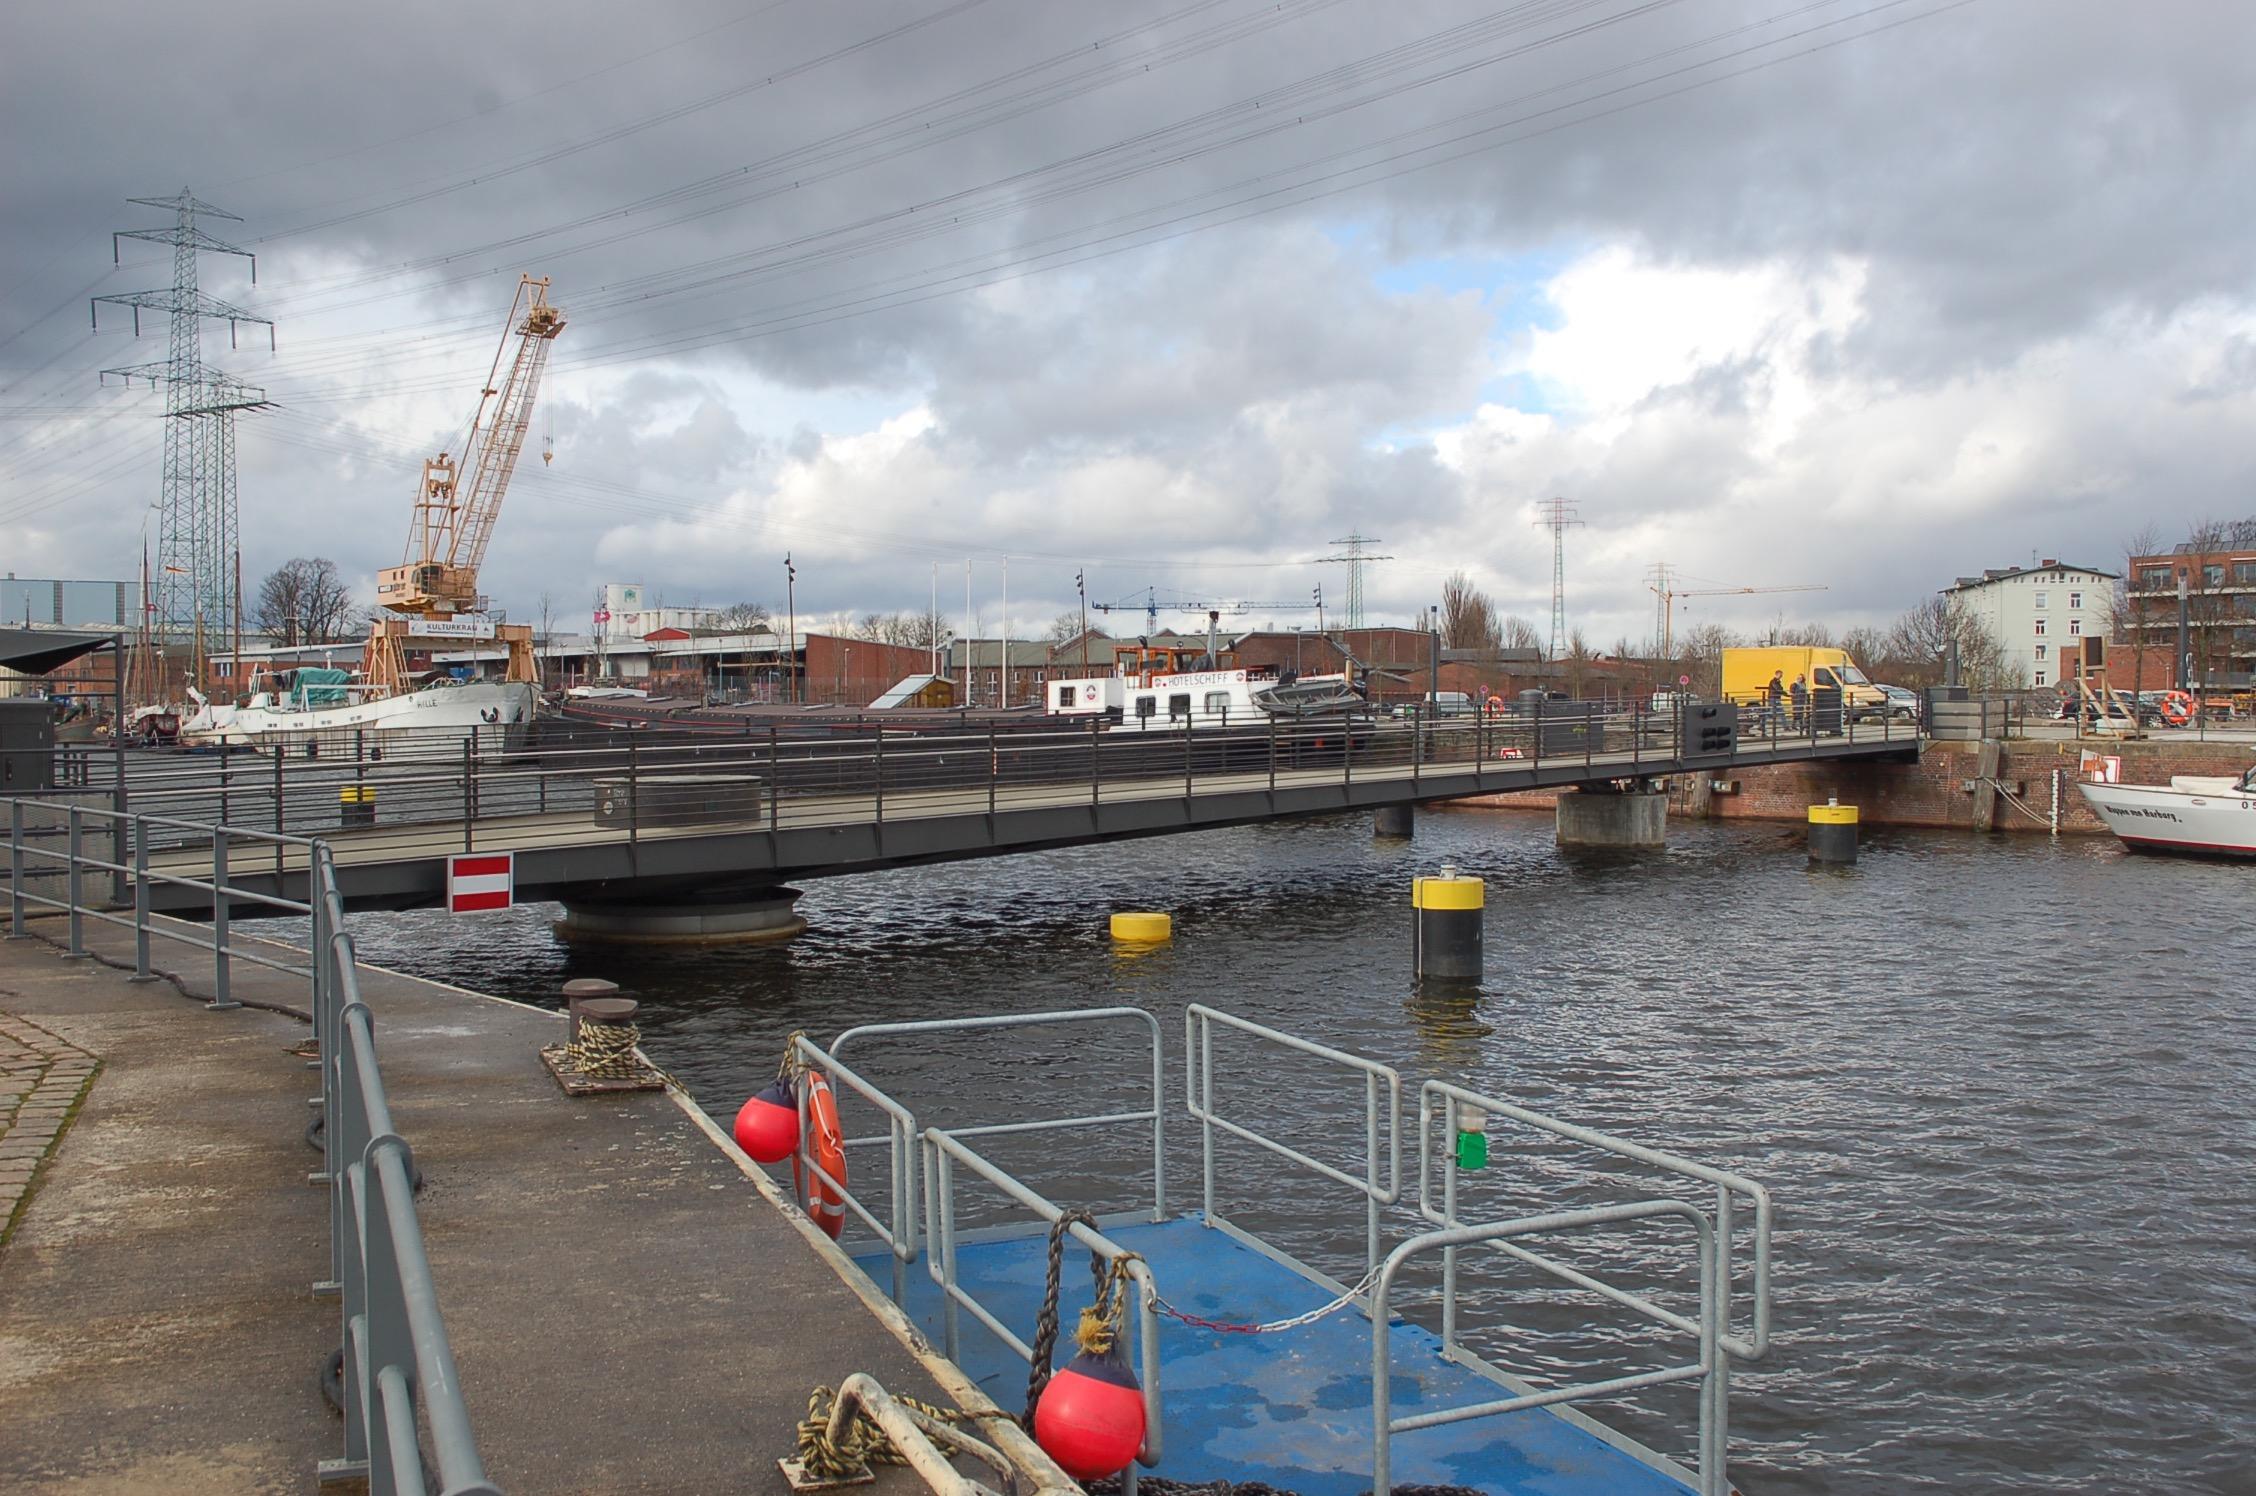 mk -Kann die Drehbrücke während des Binnenhafenfestes nicht gedreht werden?